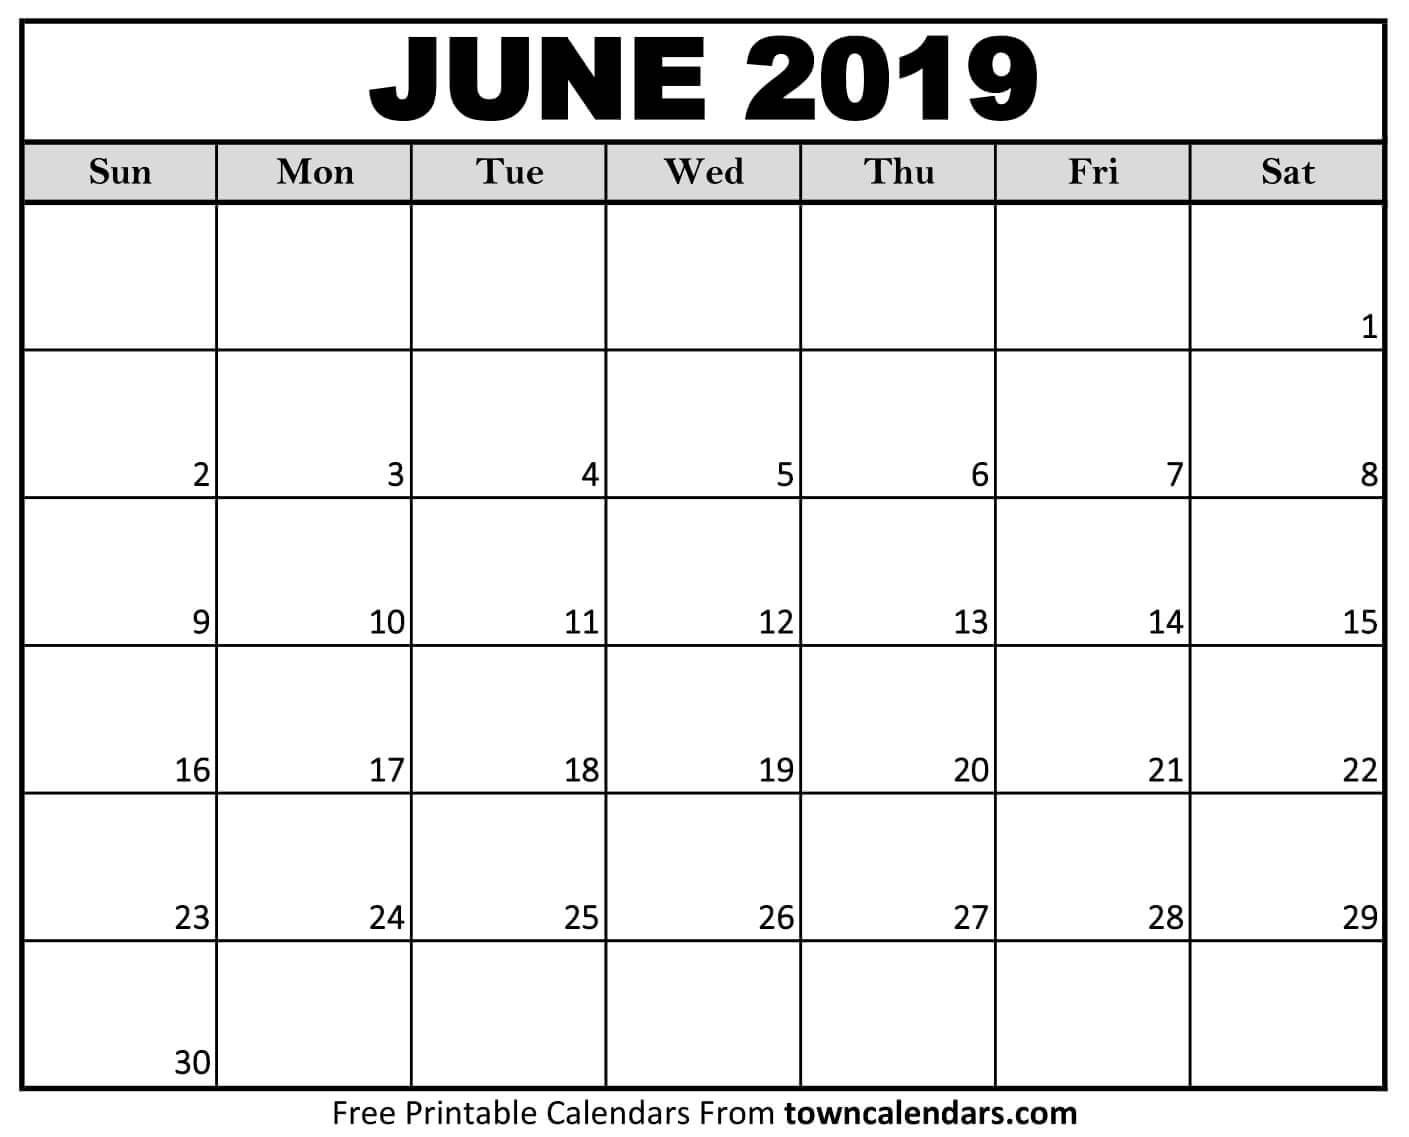 June 2019 Printable Calendar Printable June 2019 Calendar towncalendars